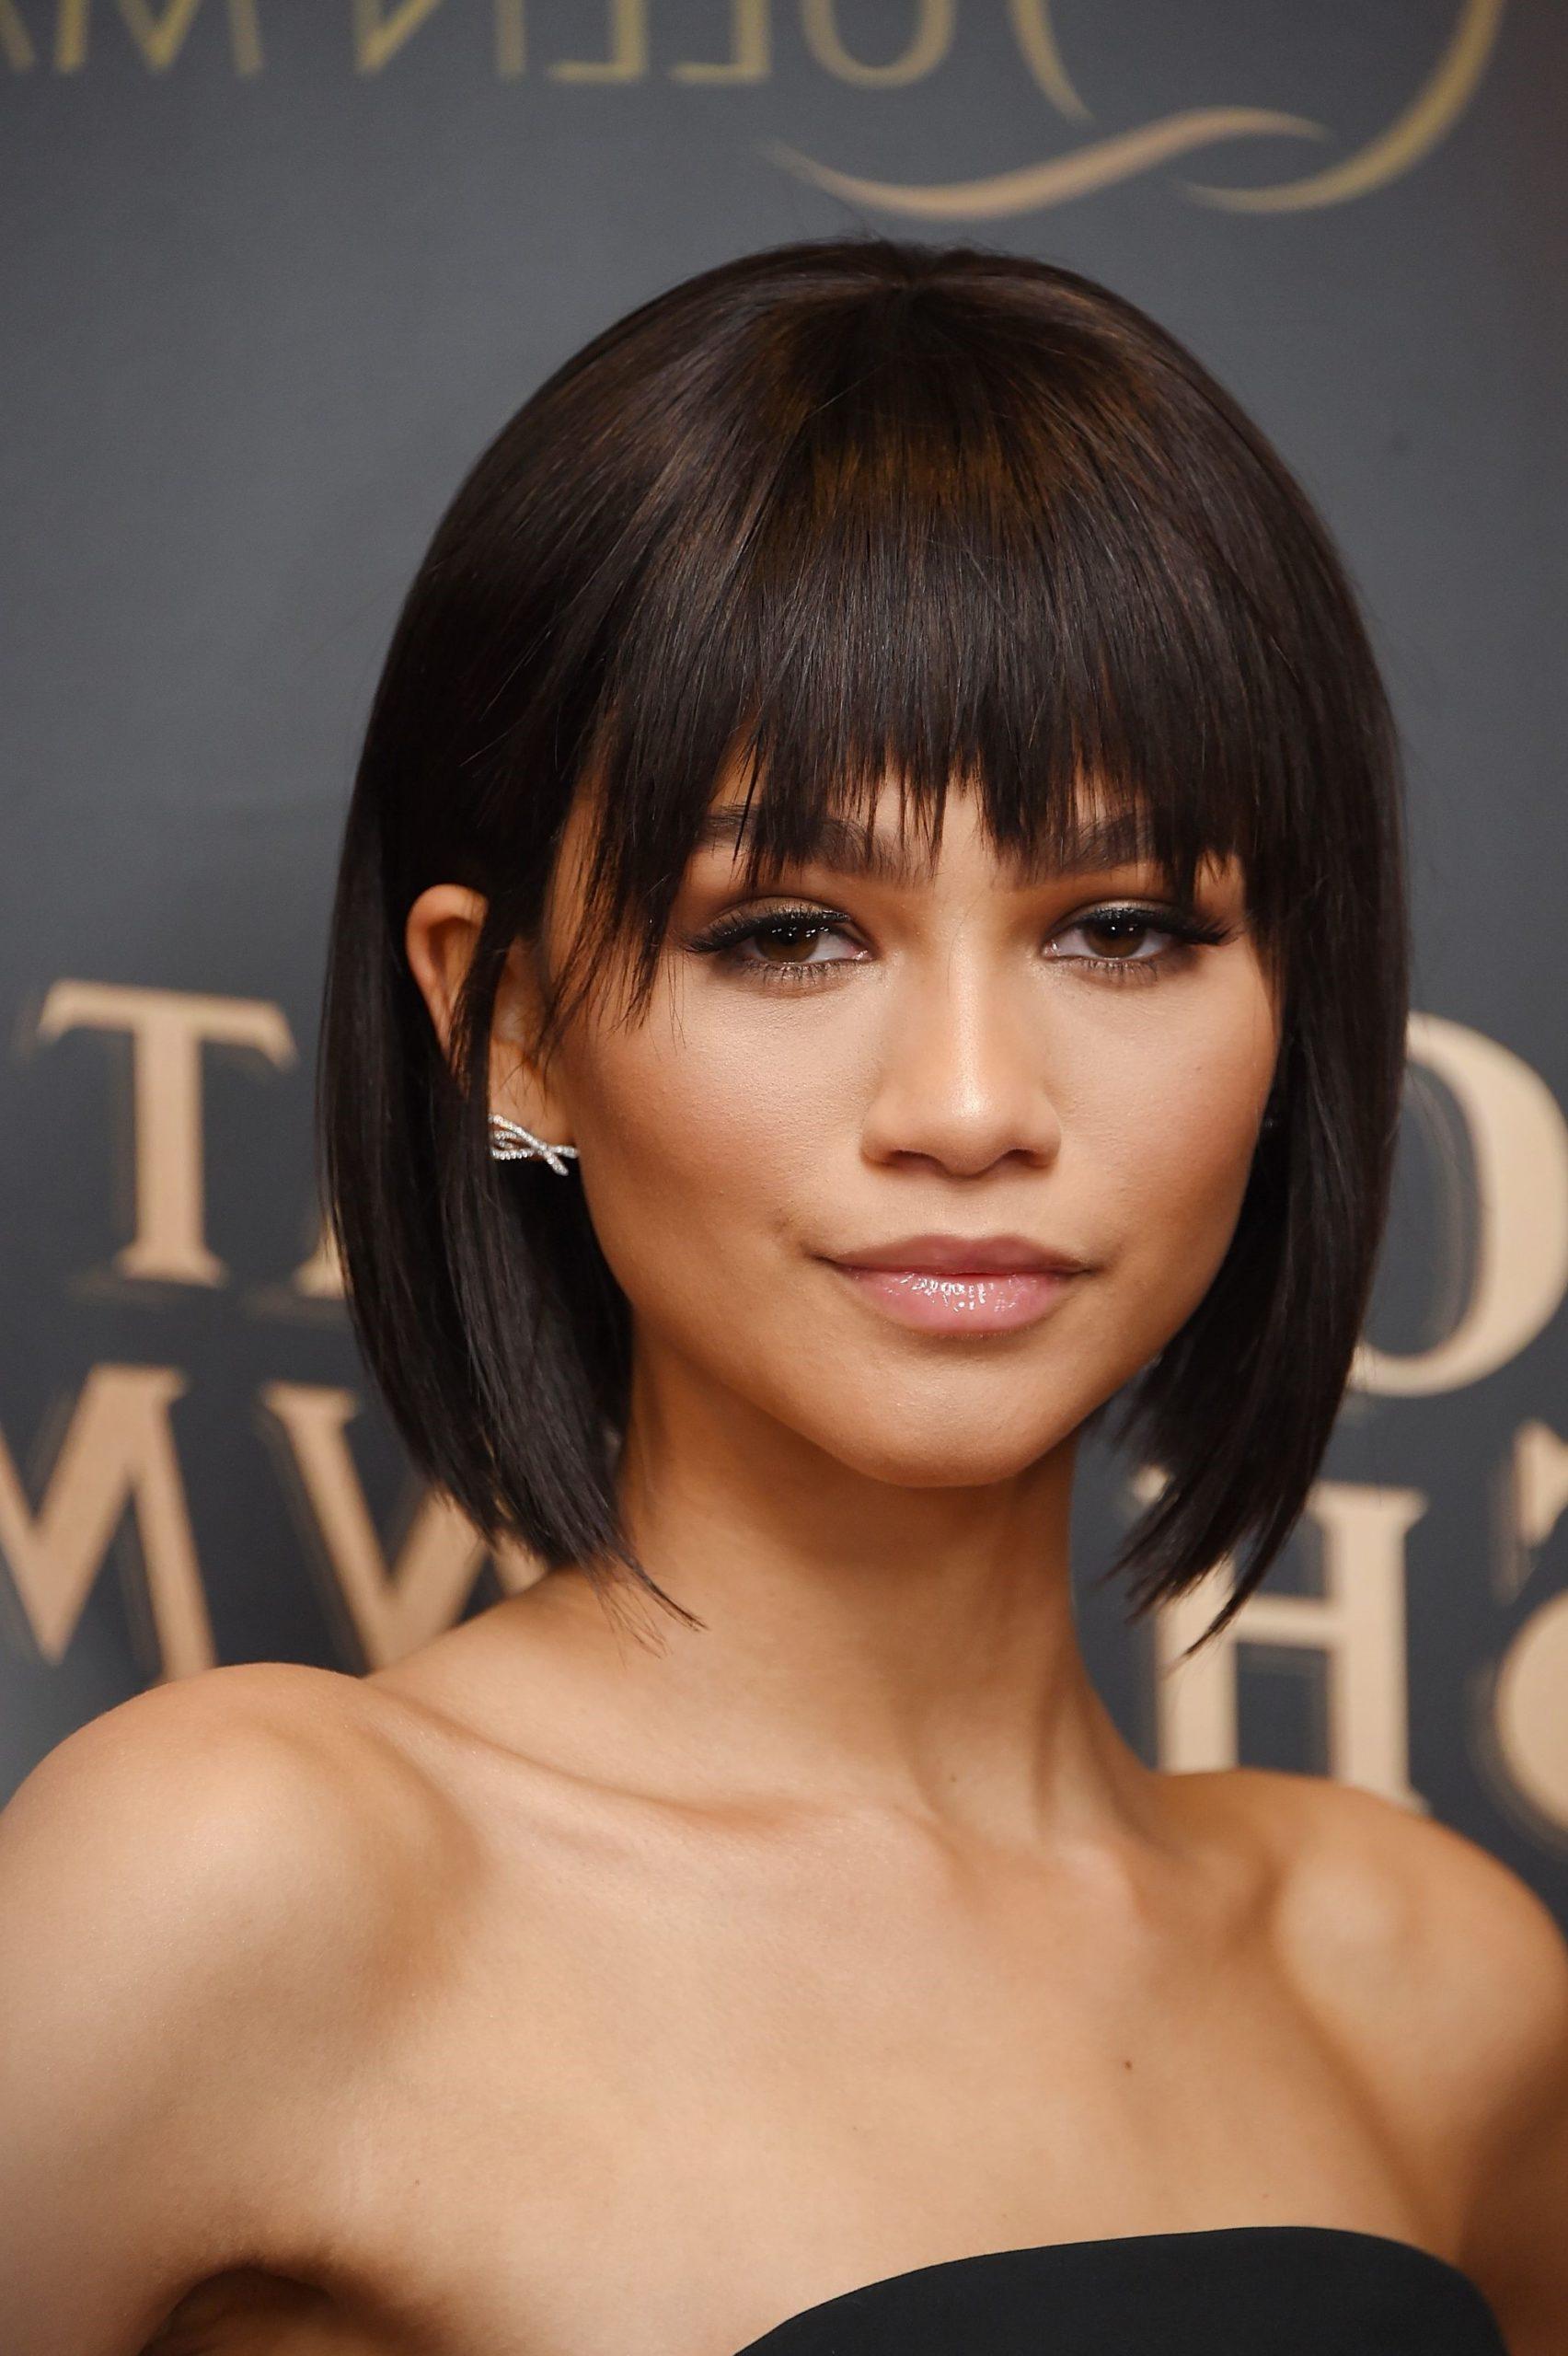 La chanteuse et actrice Zendaya portant une perruque bob.